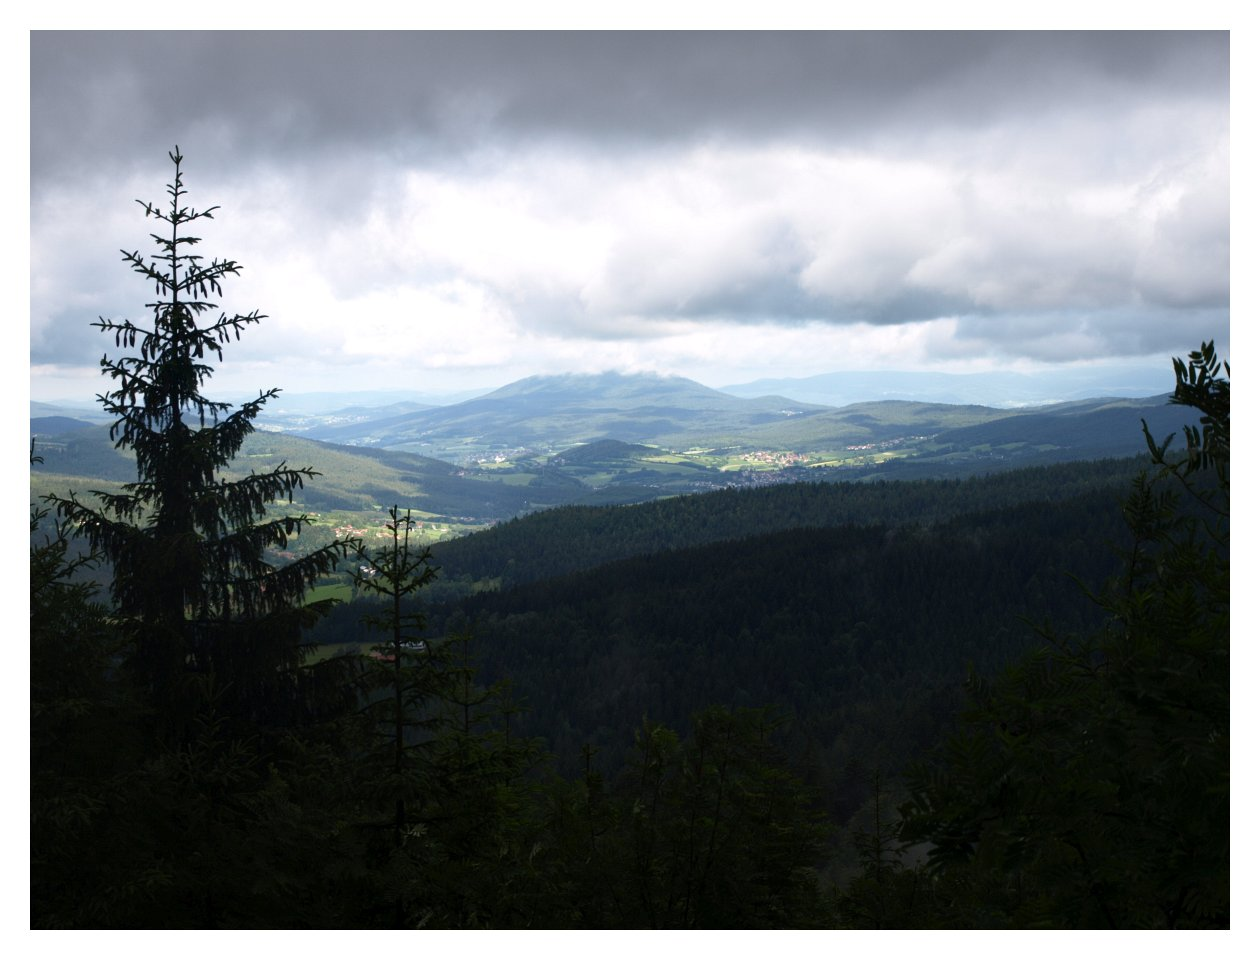 http://www.bayerwaldwandern.de/juni15/23juni15_1.jpg